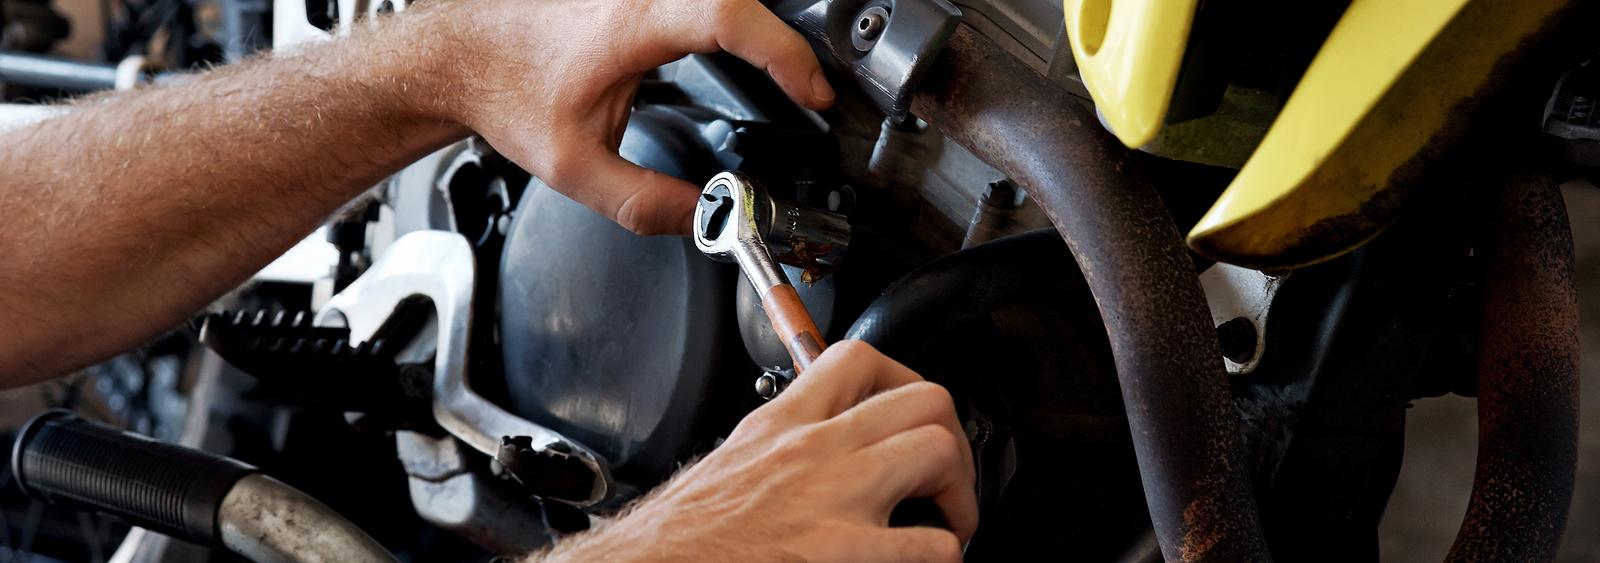 Motor onderhoud Apeldoorn